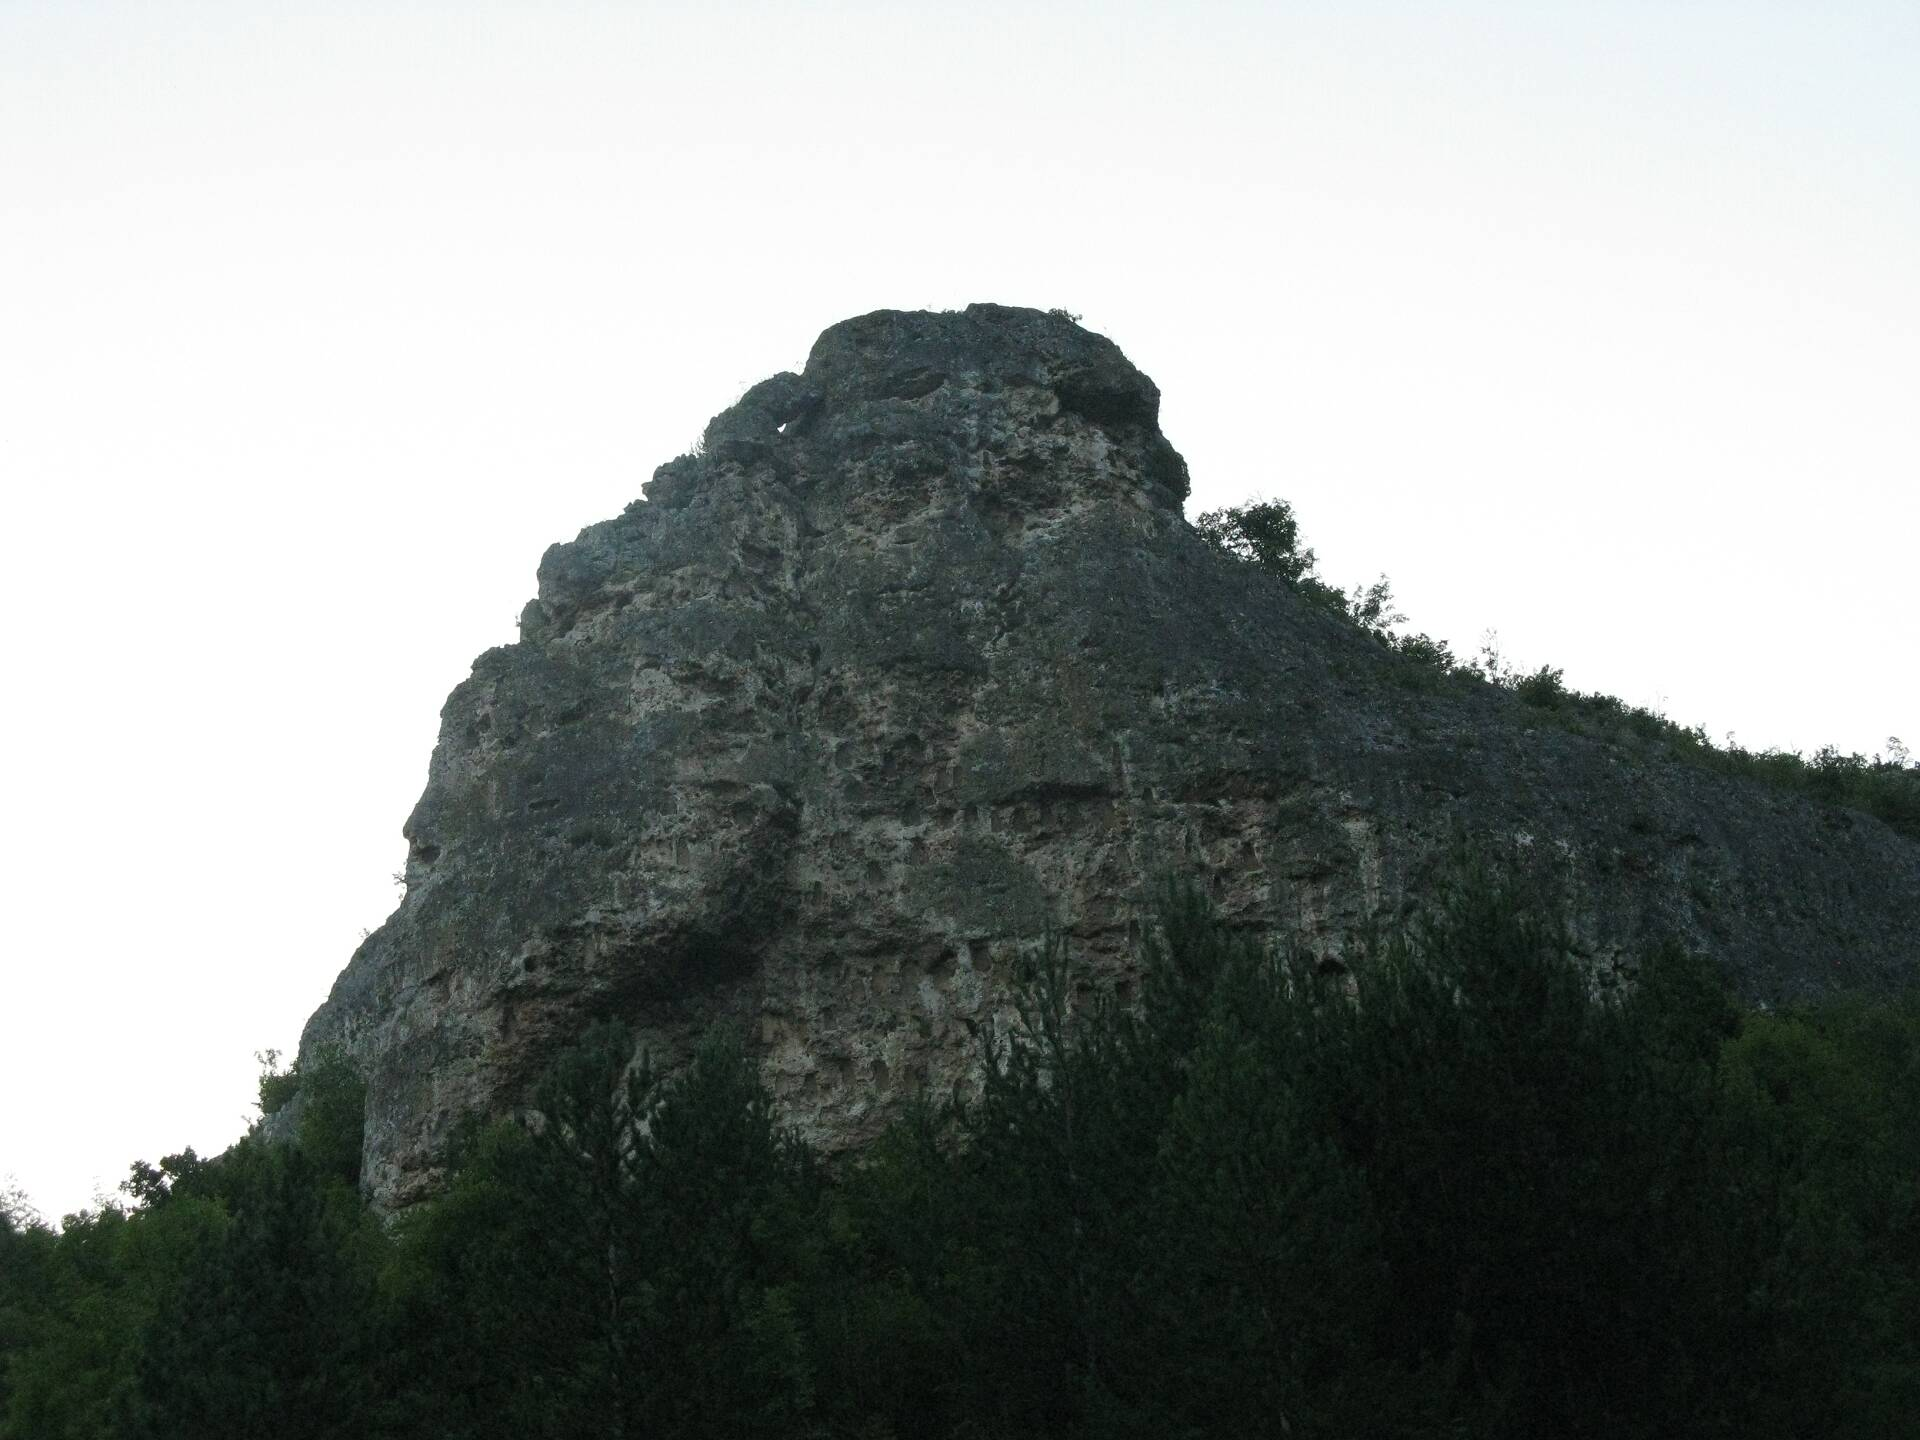 Трапециевидные ниши Кован Кая, вырезанные в скалах